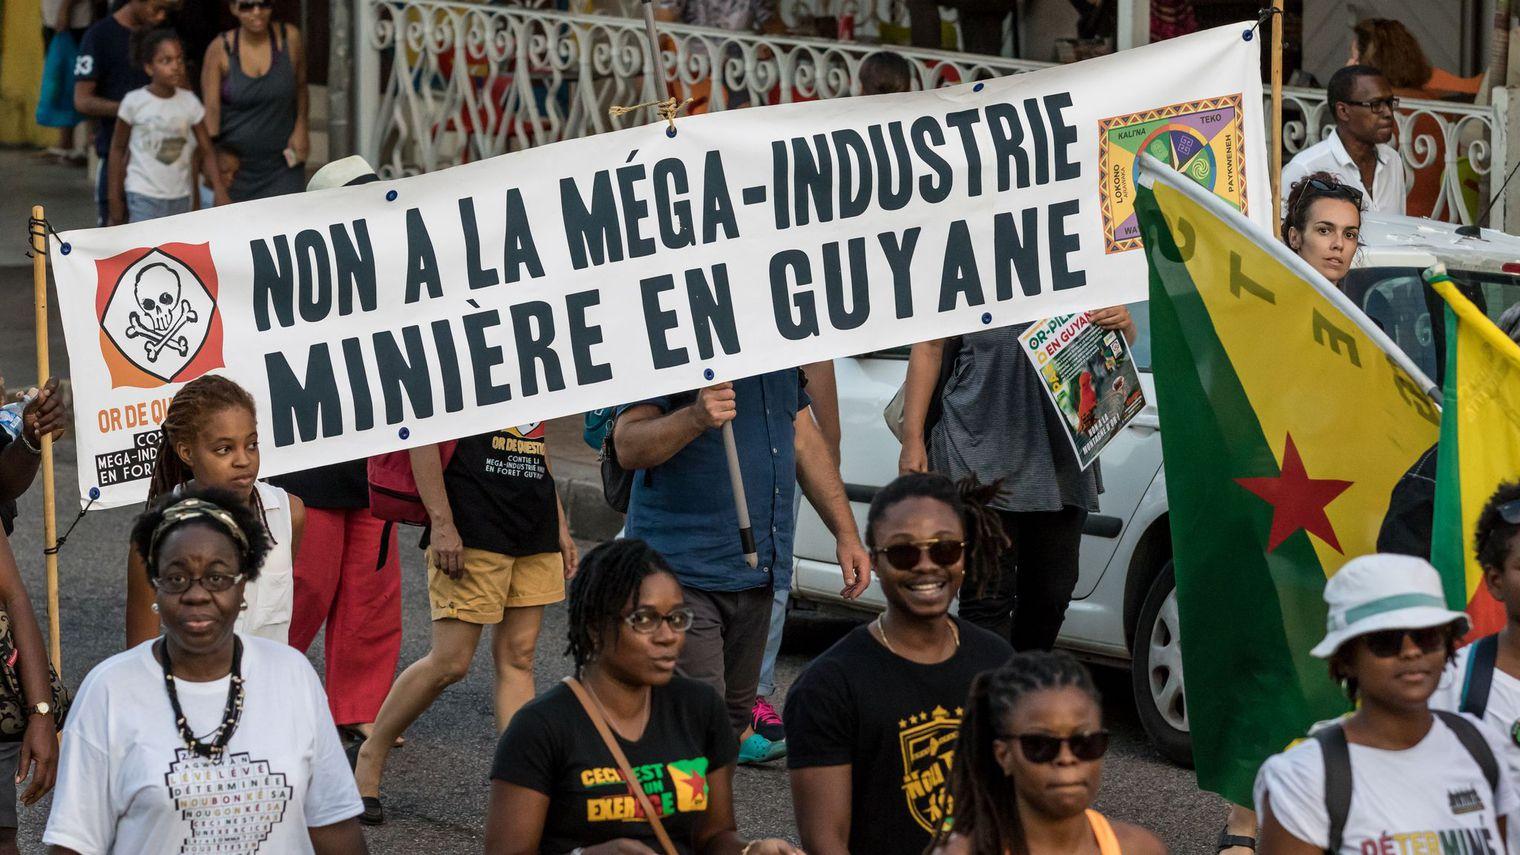 En Guyane, les opposants au projet minier sont particulièrement déterminés, selon la Commission nationale du débat public sur la Montagne d'or ©Jody Amiet / AFP